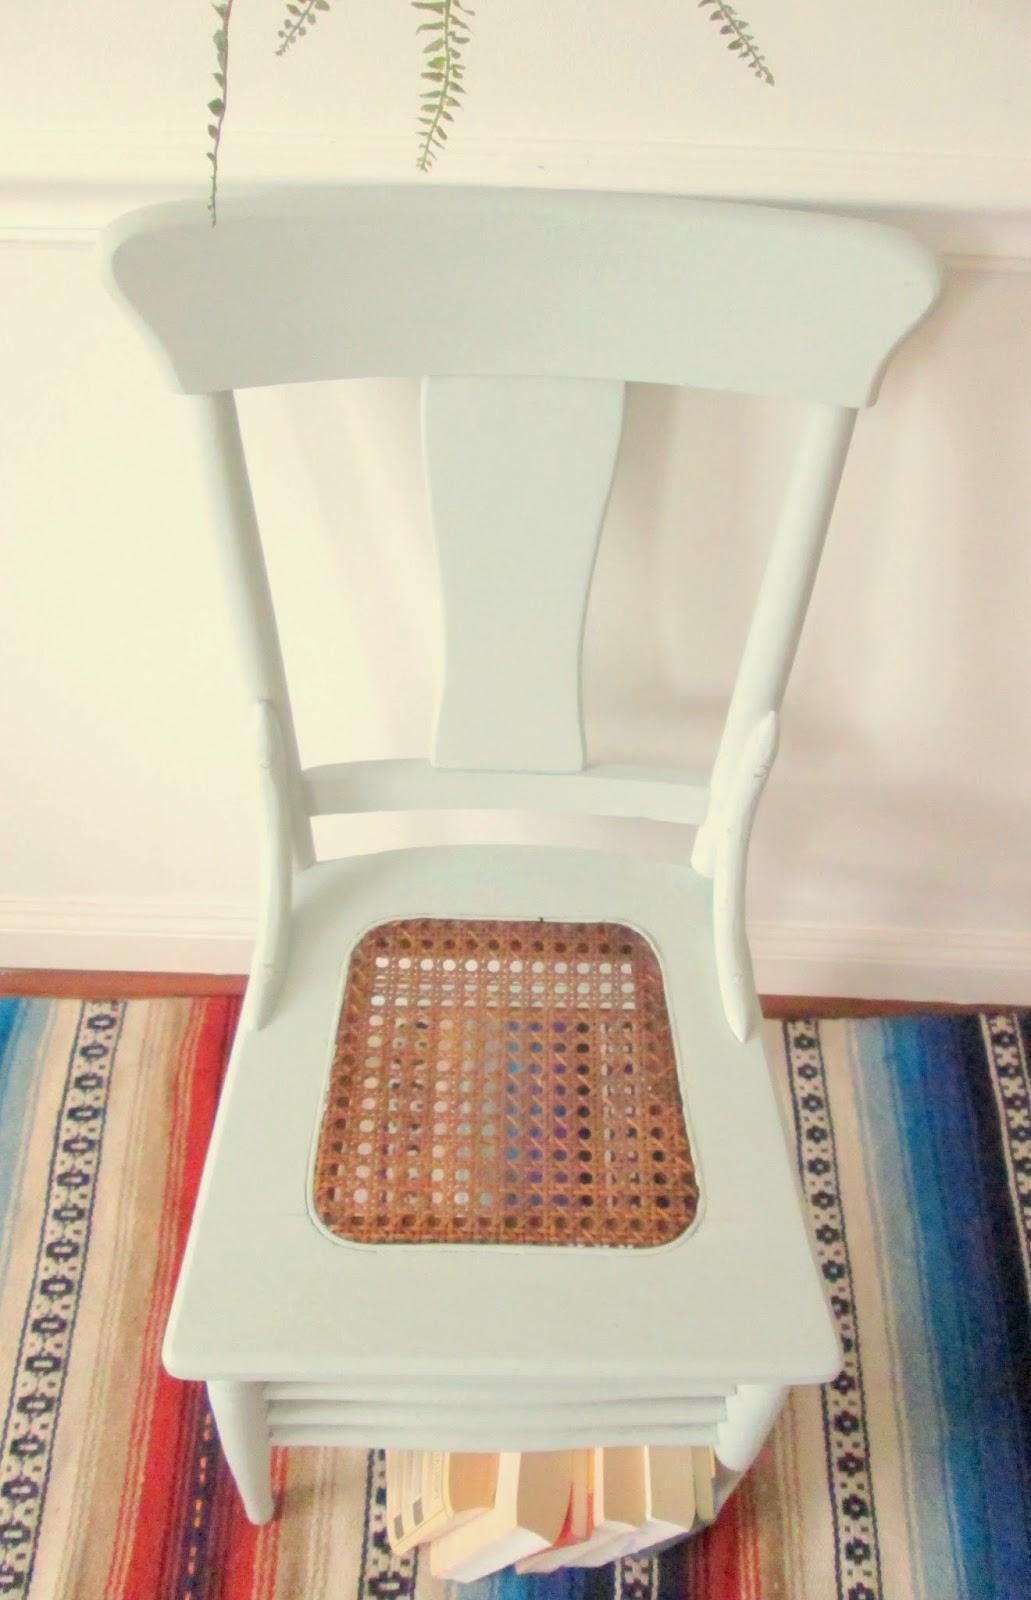 cane+chair4.jpg